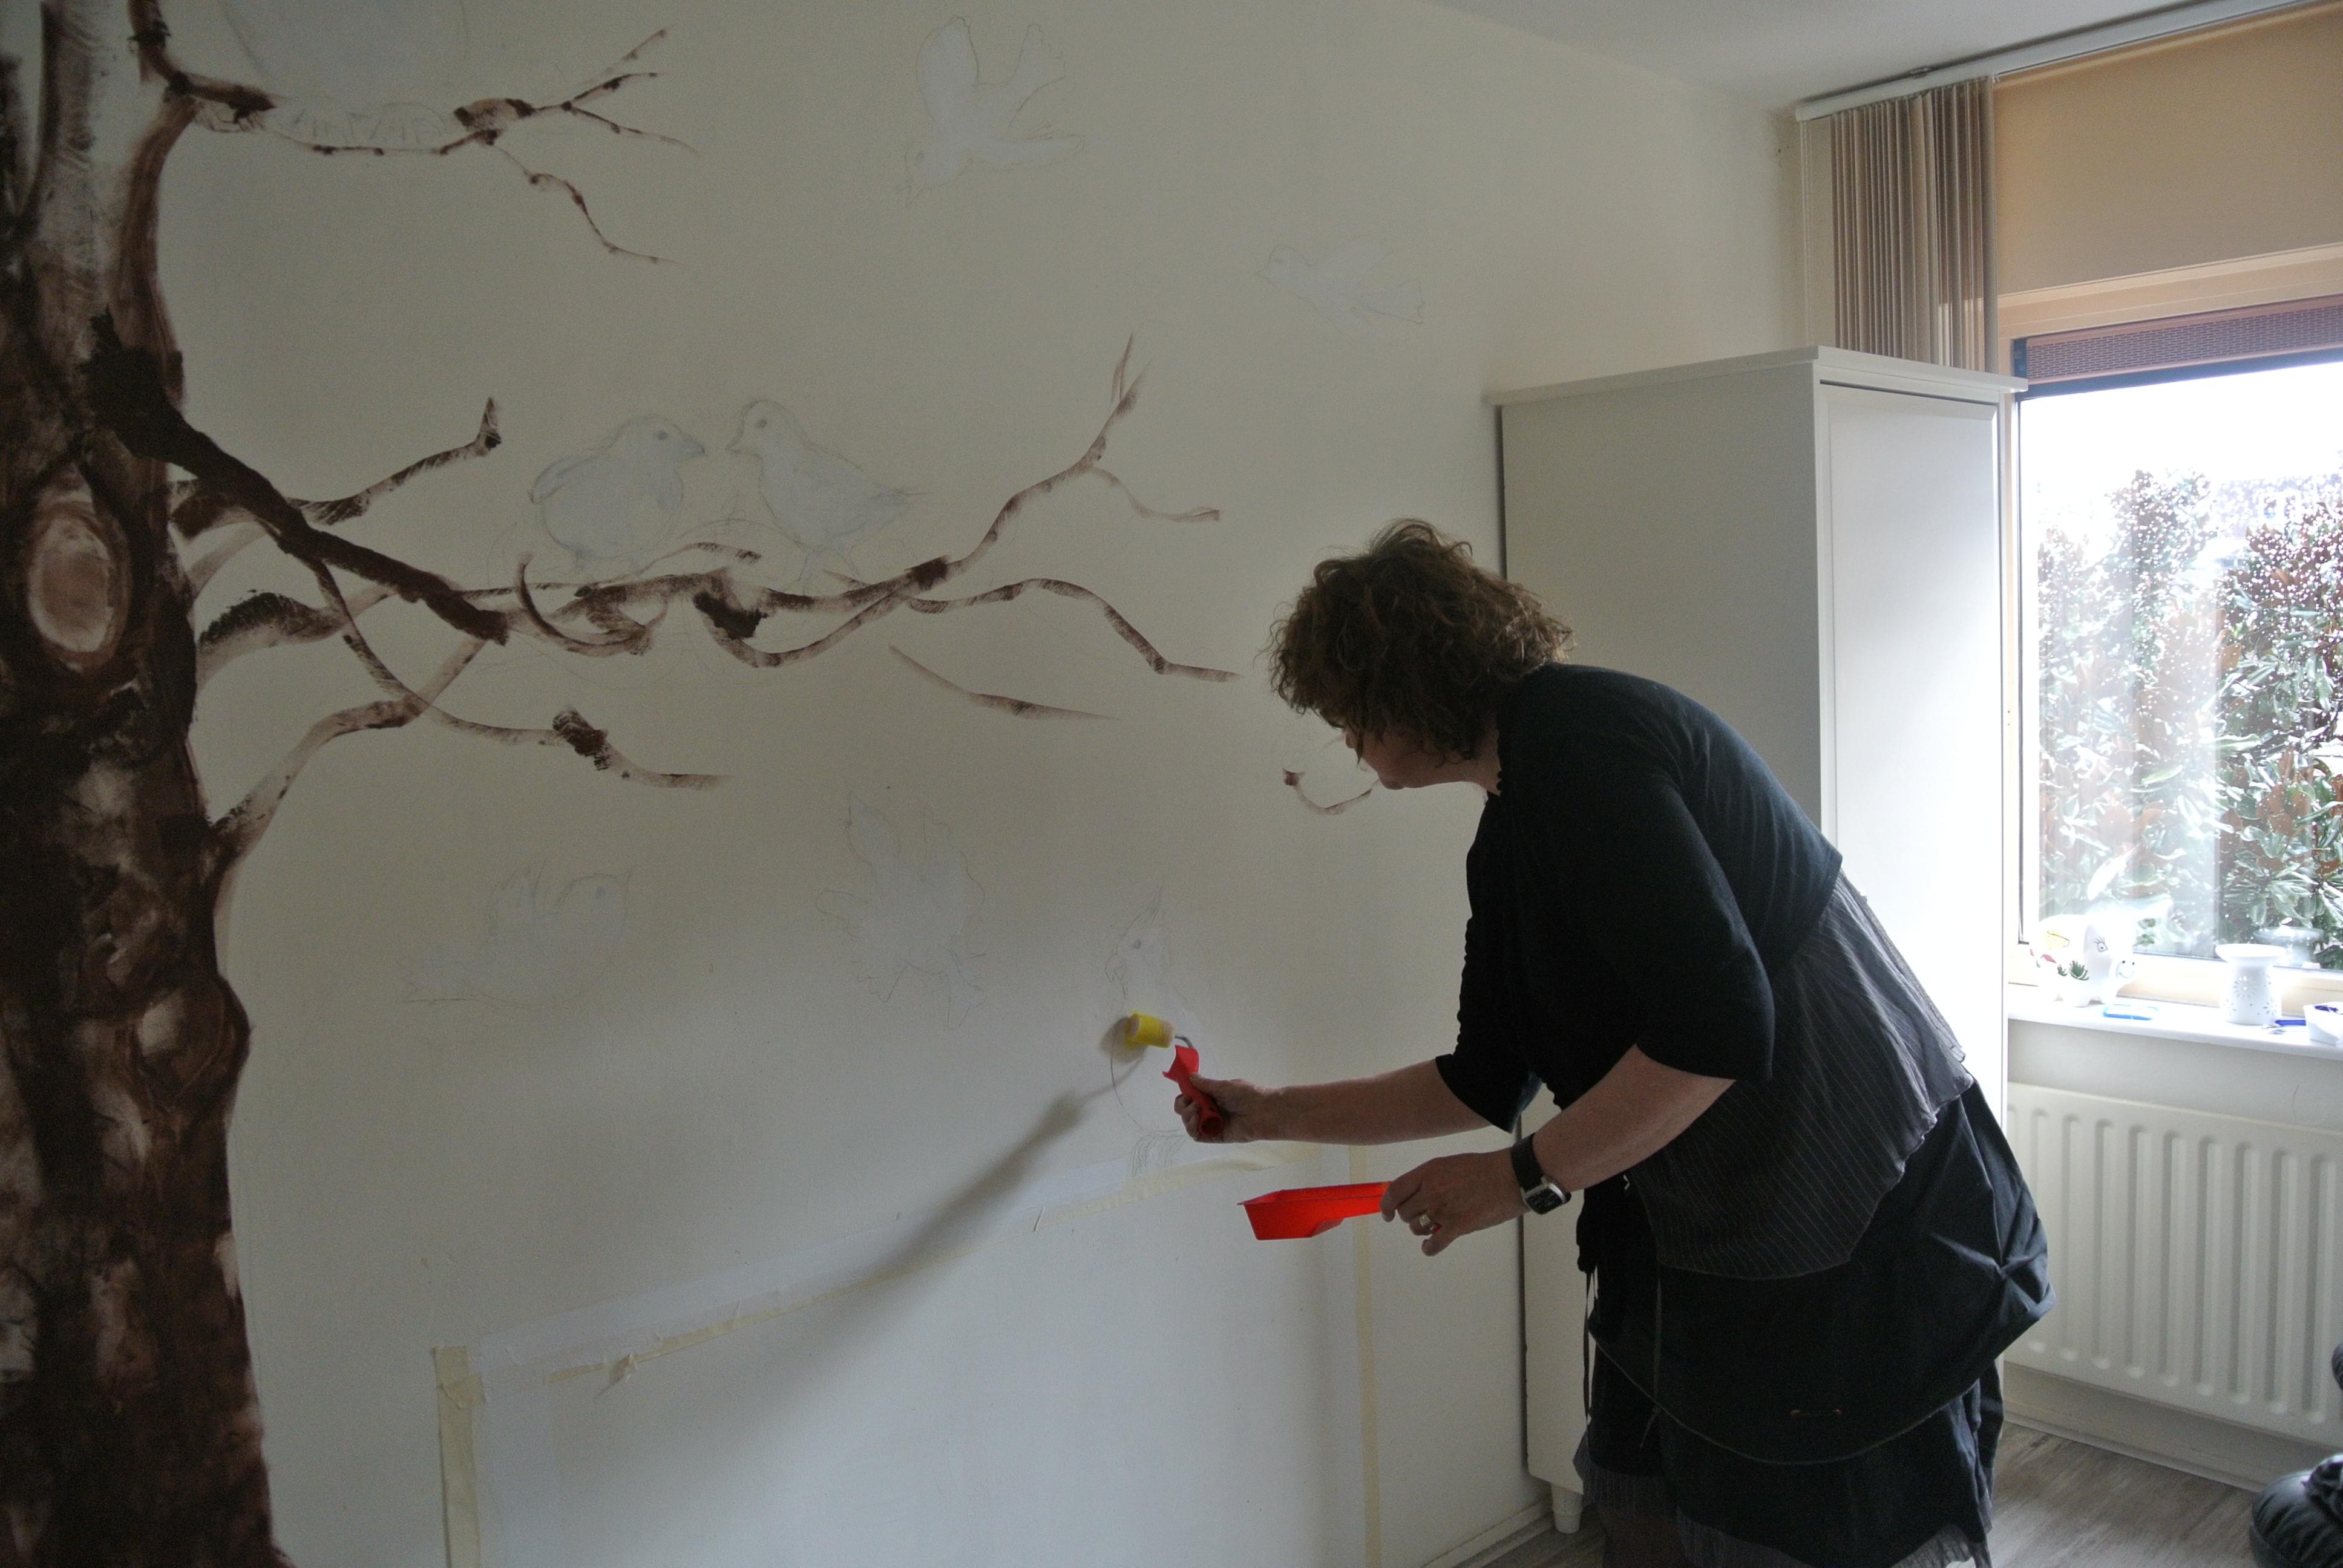 Nieuwe hobby muurschilderingen ipad kunst kan jou gelukkig maken - Nieuw muurschildering ...